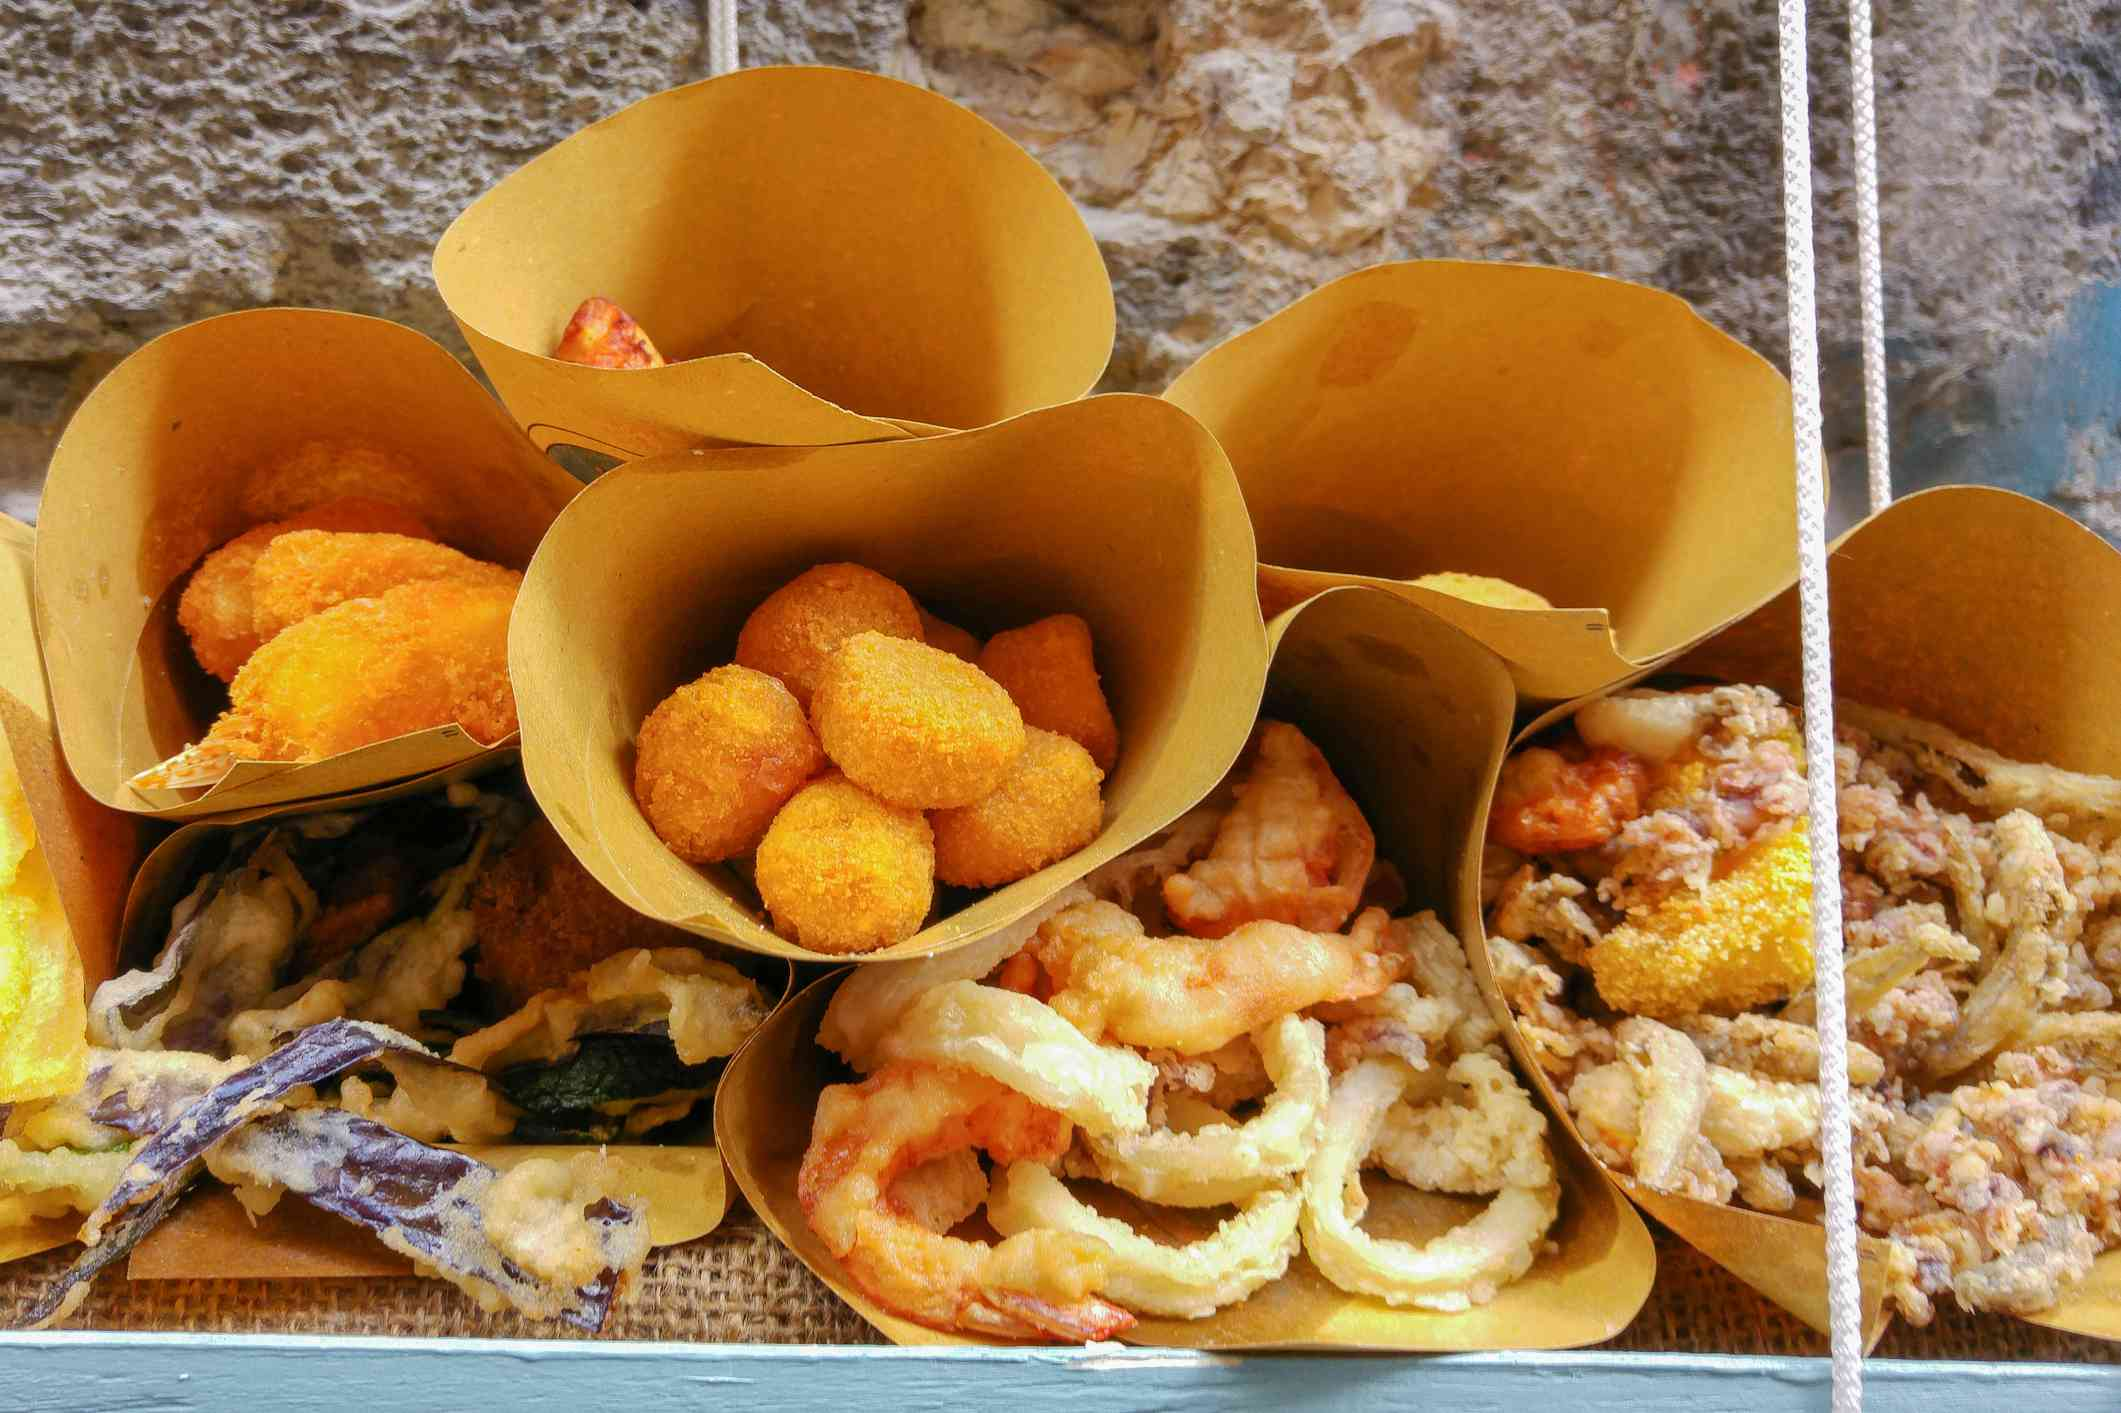 Fried street food in Naples